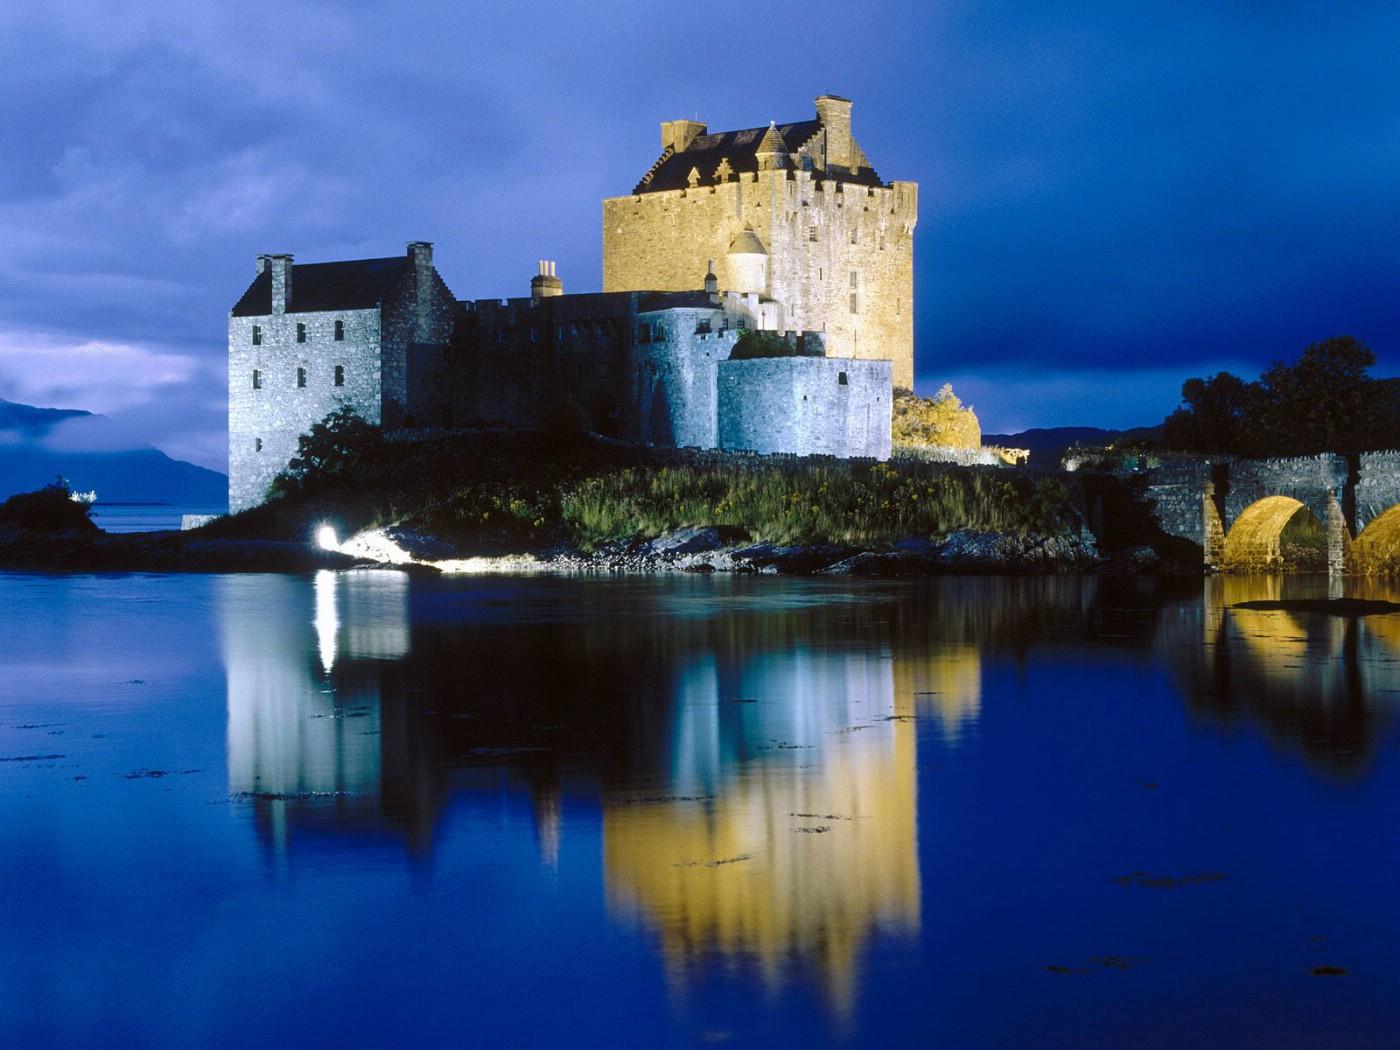 壁纸1400×1050文化之旅 地理人文景观壁纸精选 第一辑 Evening Falls on Eilean Donan Castle Scotland 苏格兰 伊莲豆纳城堡 朵娜堡 图片壁纸壁纸 文化之旅地理人文景观一壁纸图片人文壁纸人文图片素材桌面壁纸